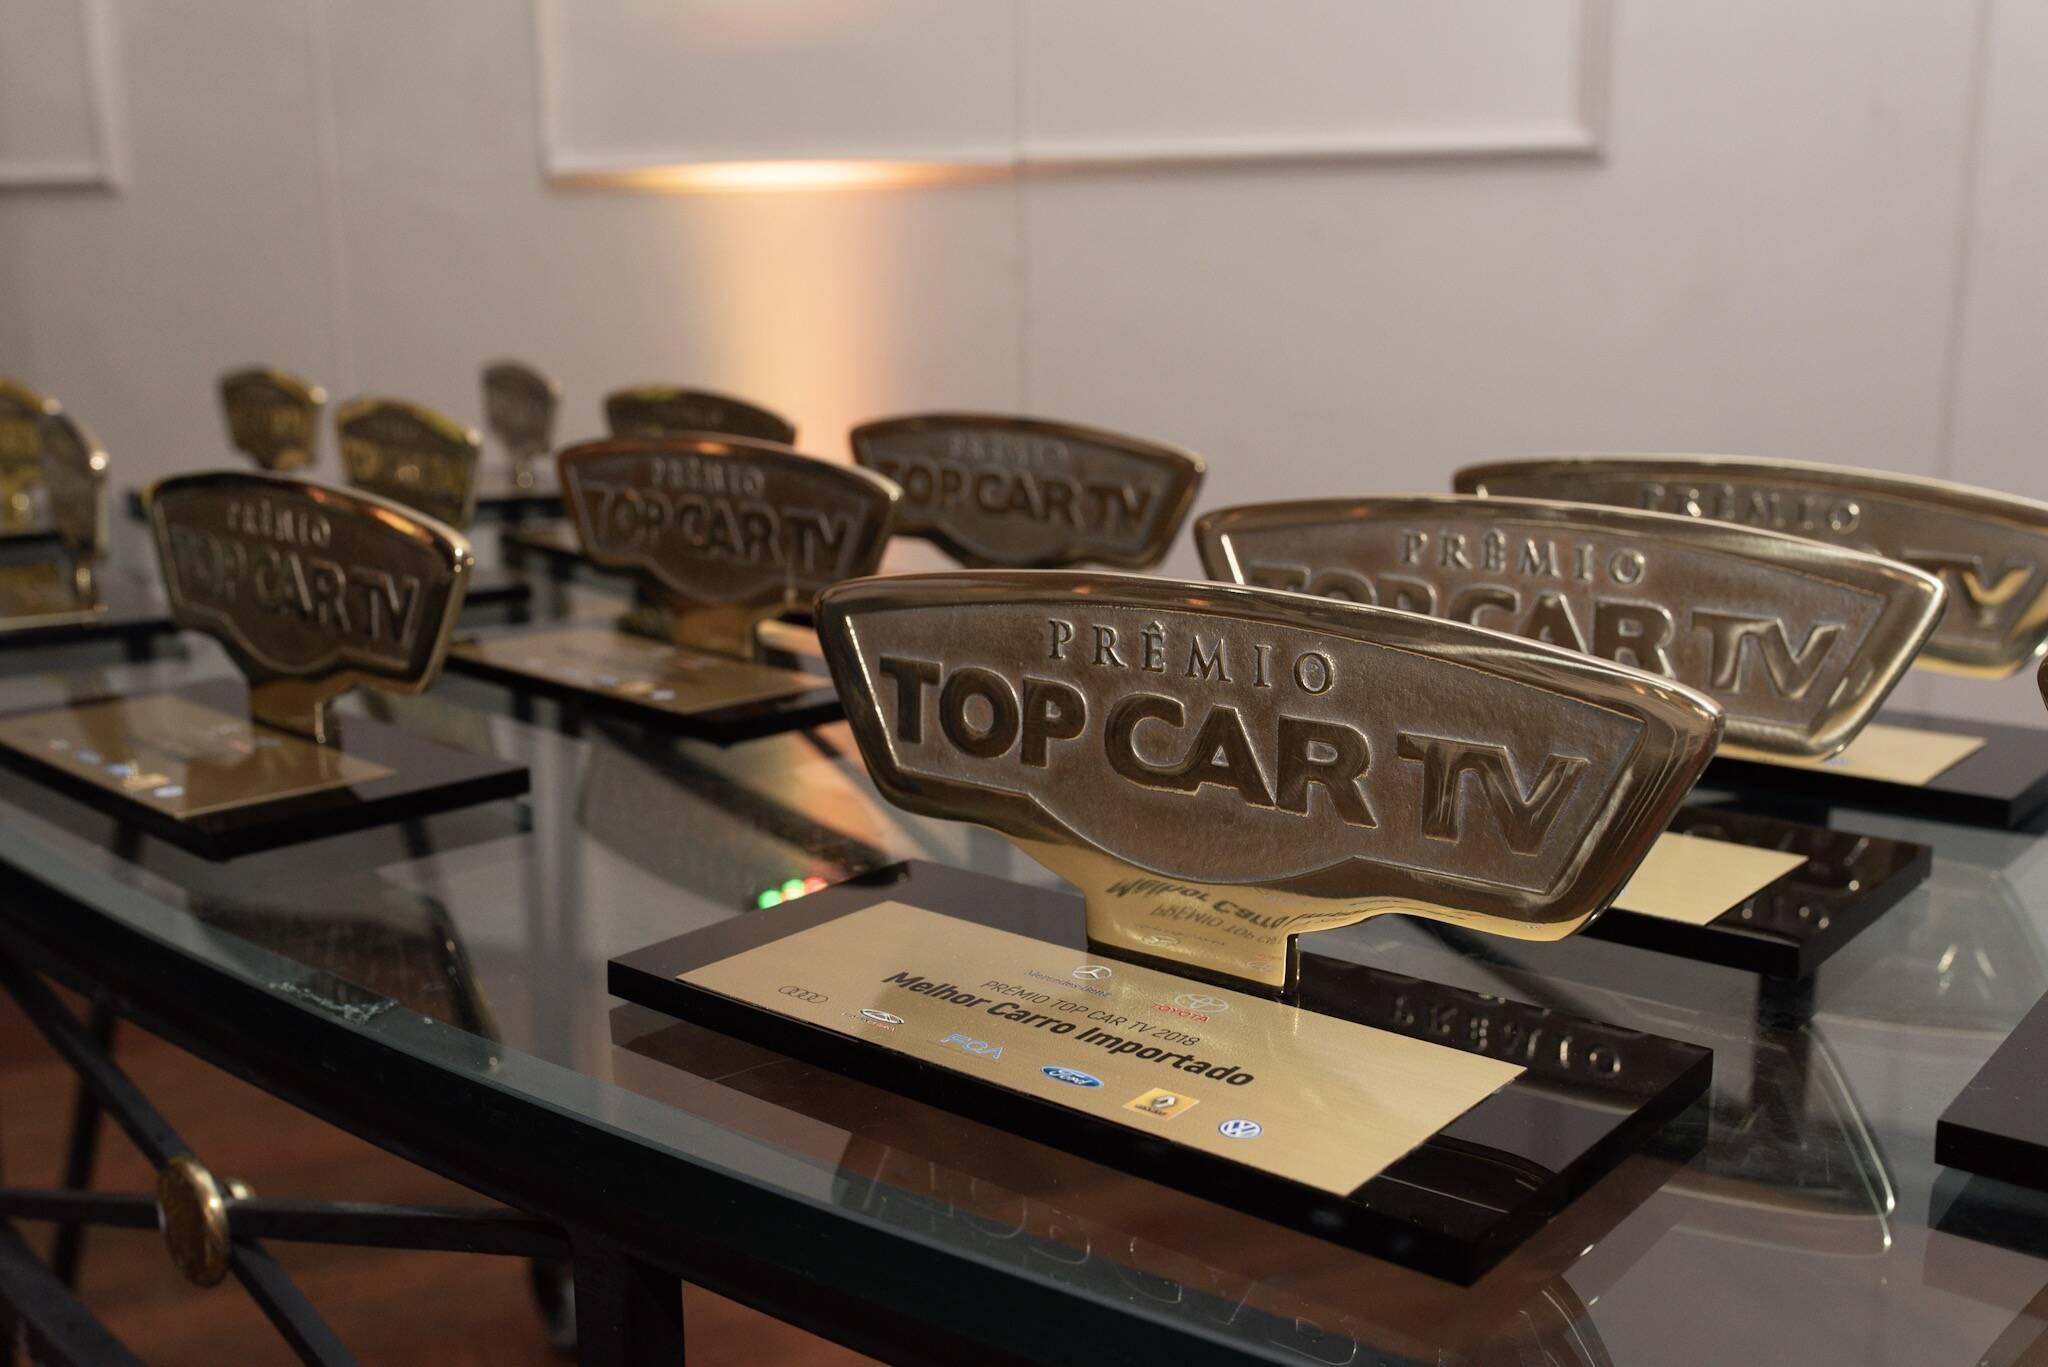 Prêmio Top Car TV 2018. Foto: Divulgação